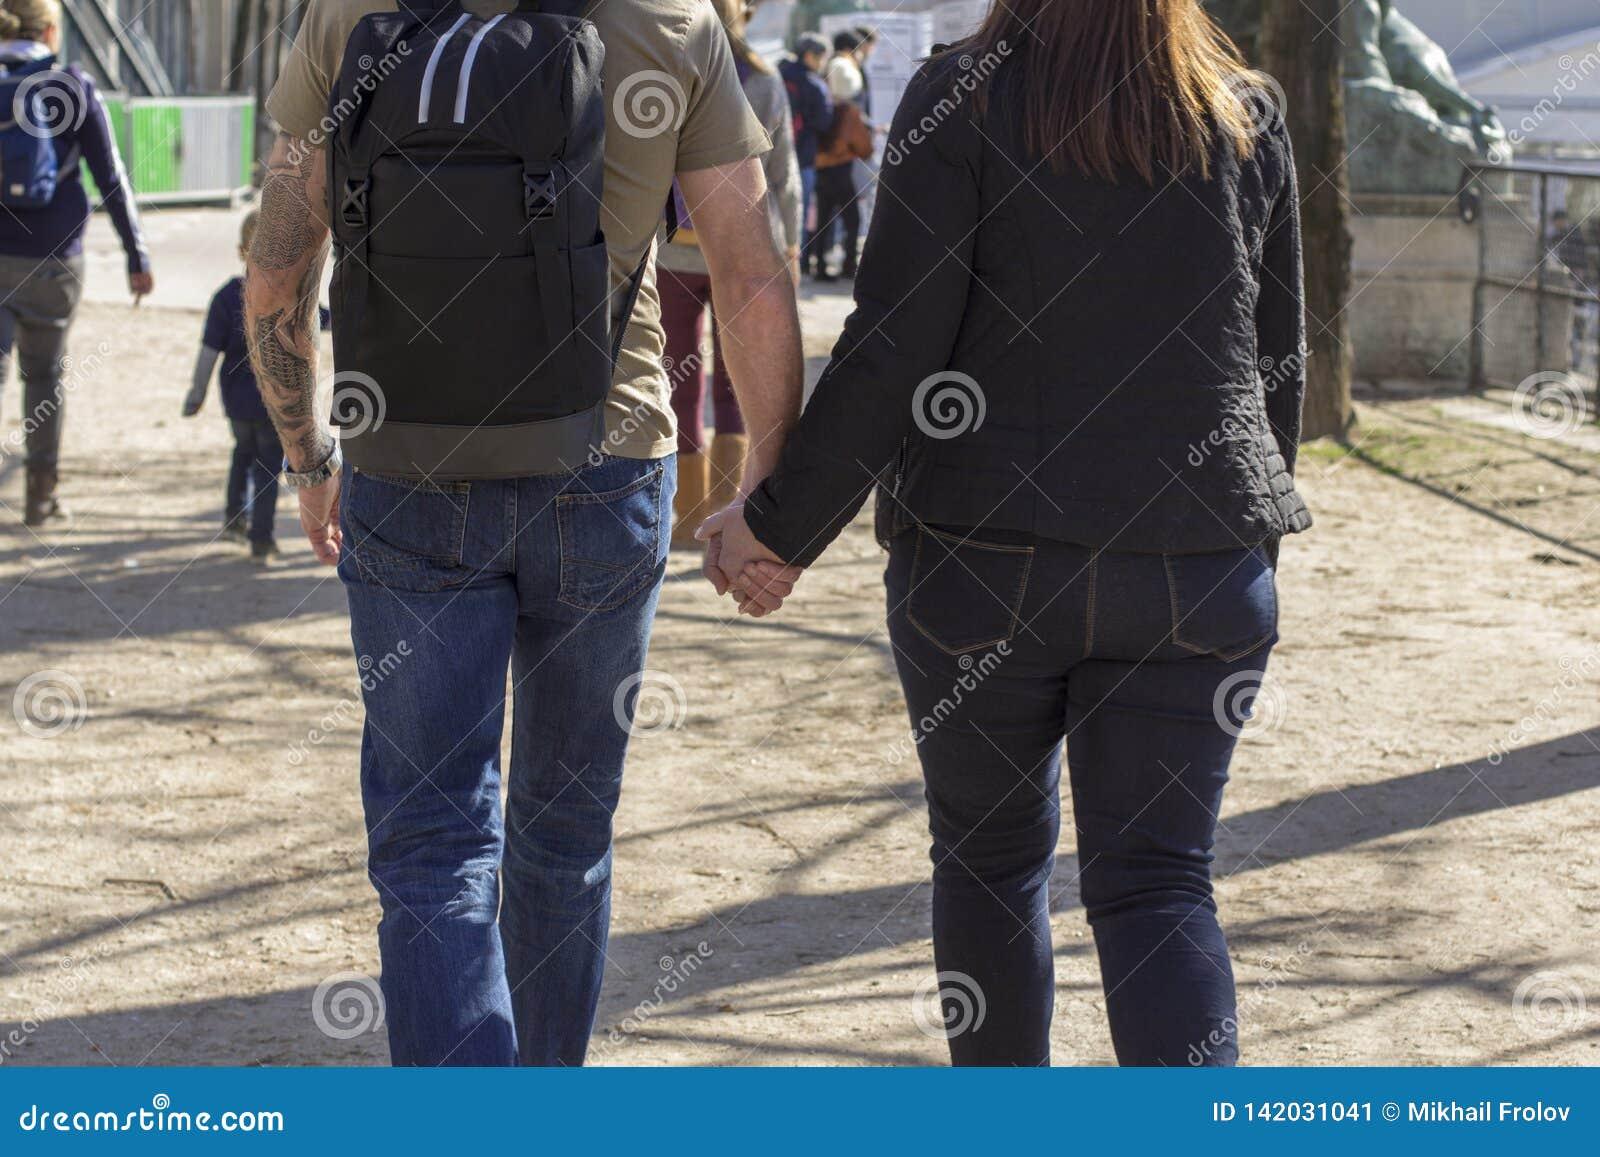 Ο μεμβρανοειδής άνδρας κρατά το χέρι μιας γυναίκας περπατώντας